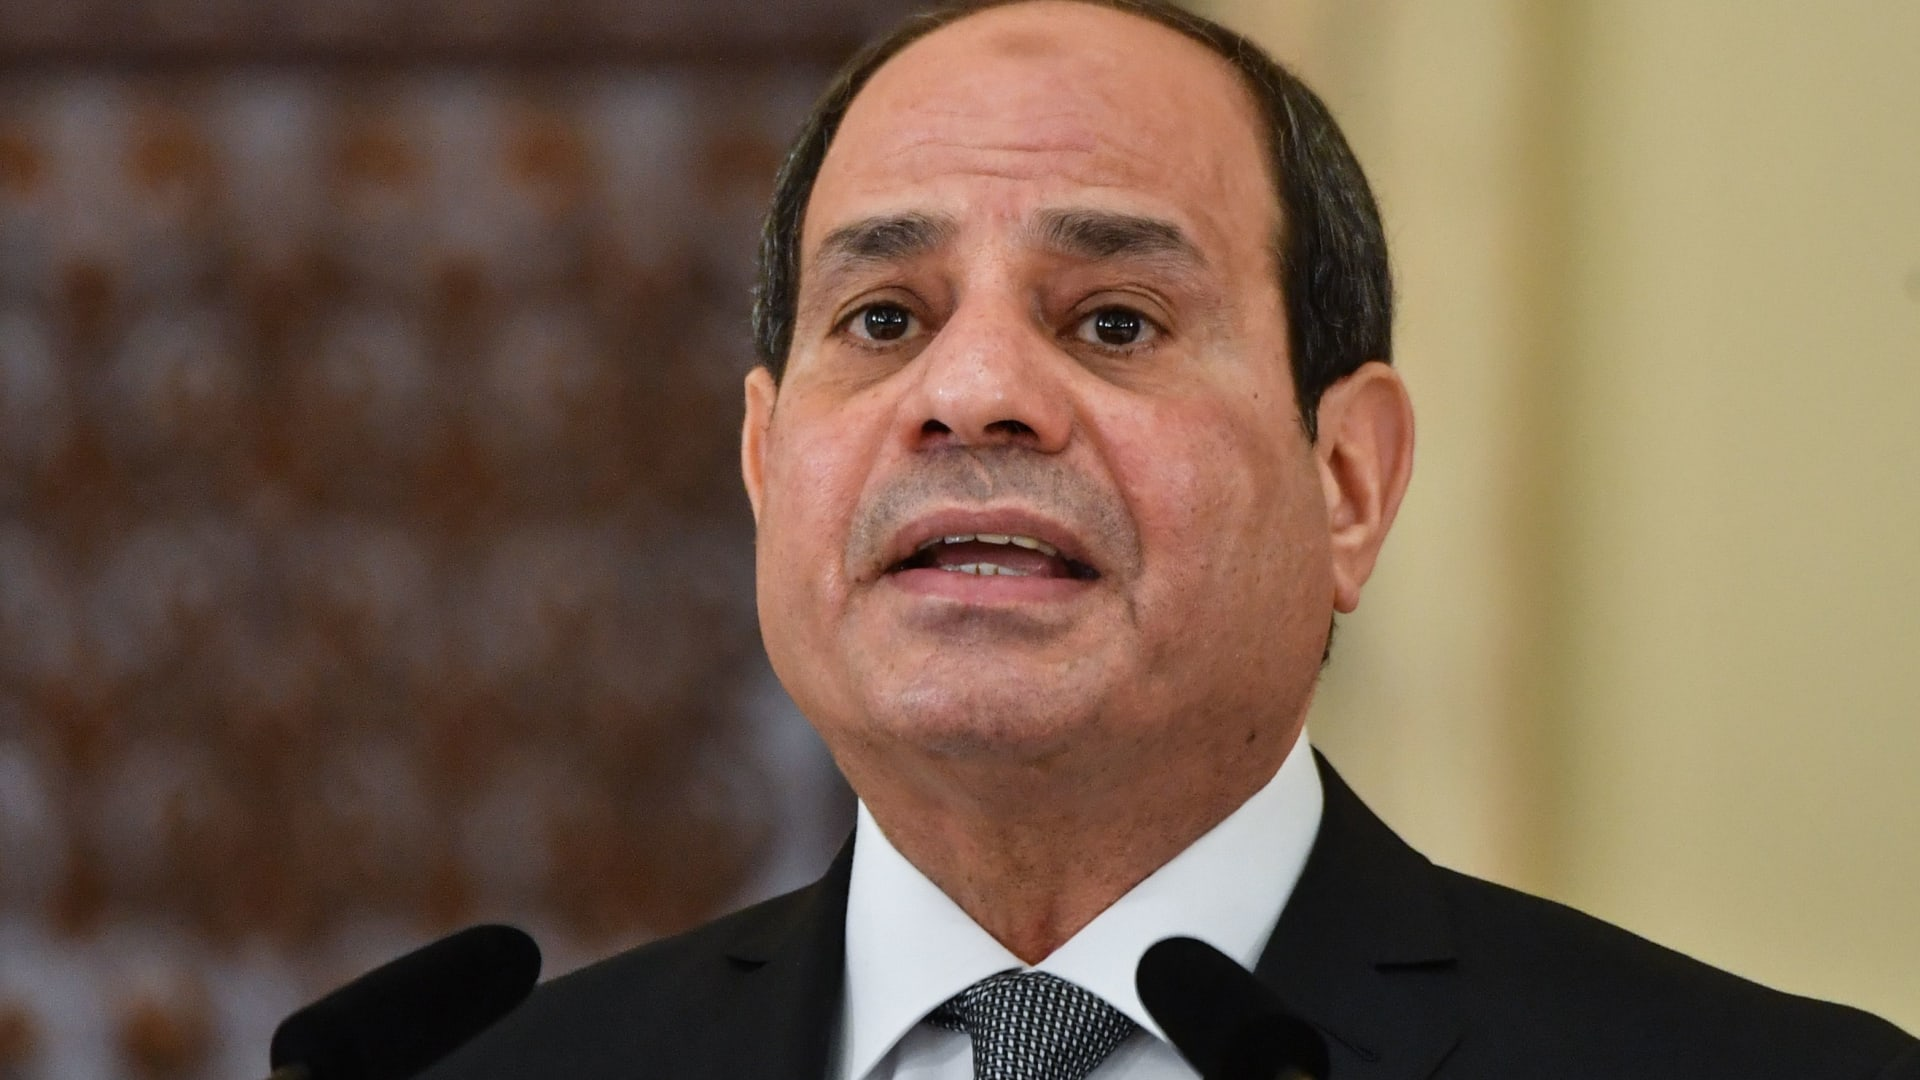 الرئيس المصري يتسلم رسالة من أمير الكويت.. ويؤكد دعمه جهود تحقيق المصالحة العربية